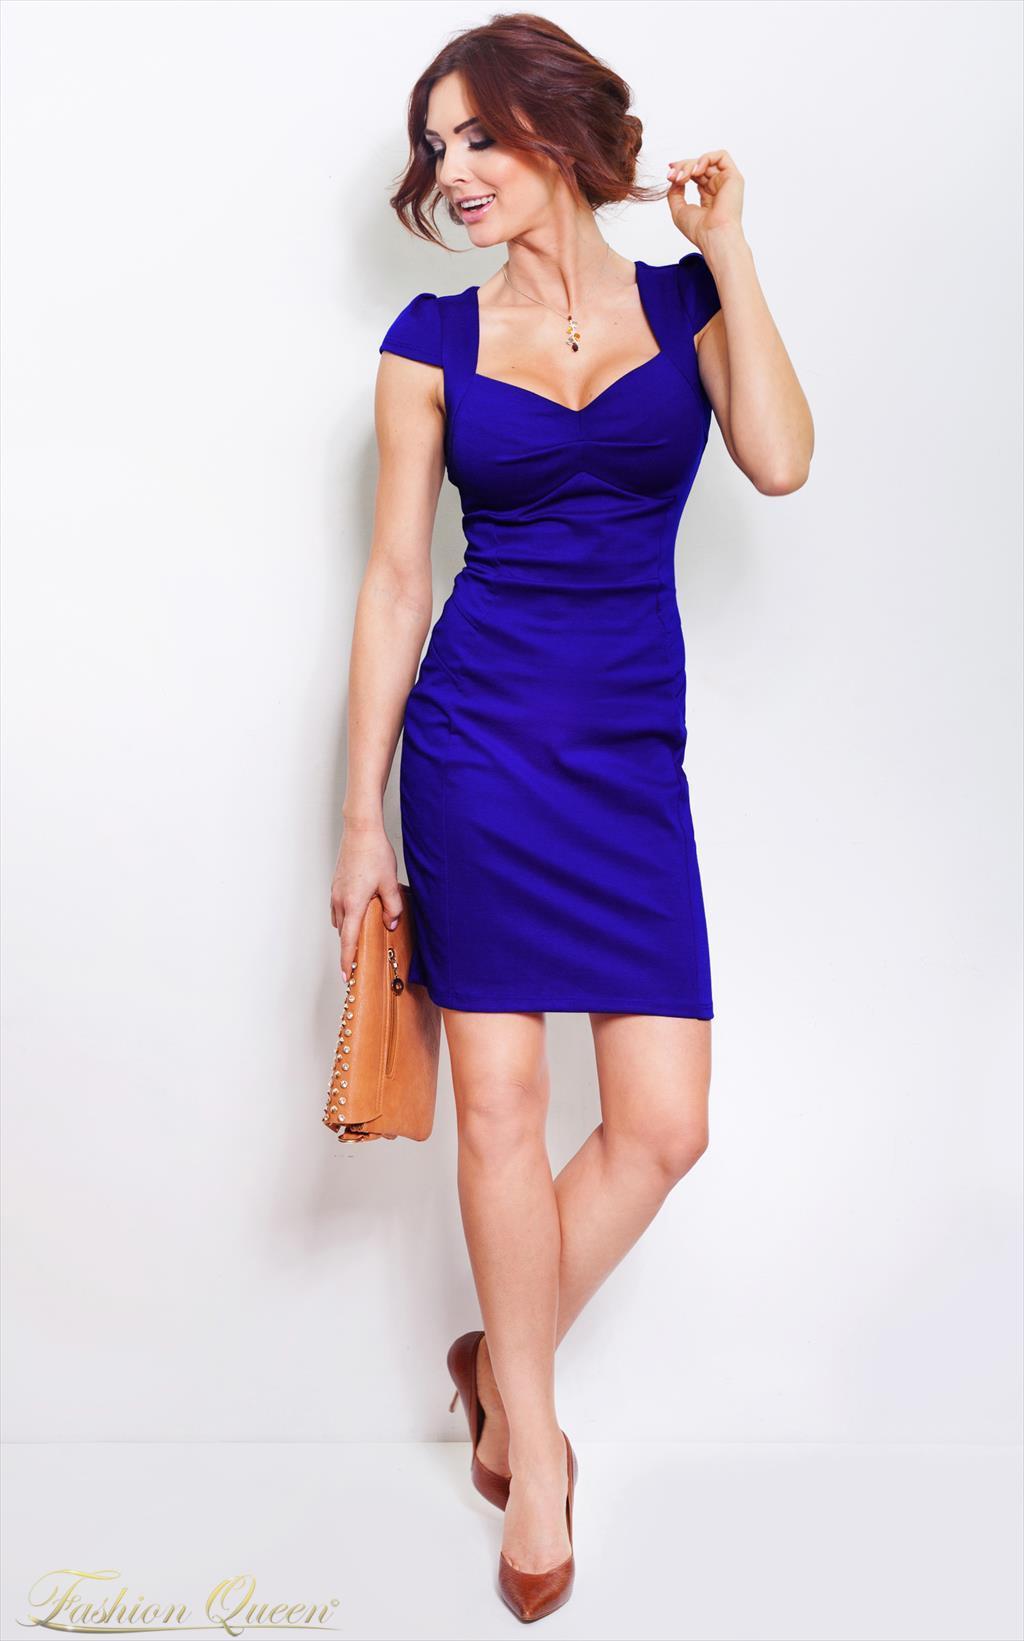 b272cdddd468 Fashion Queen - Dámske oblečenie a móda - Šaty kráľovsky modré